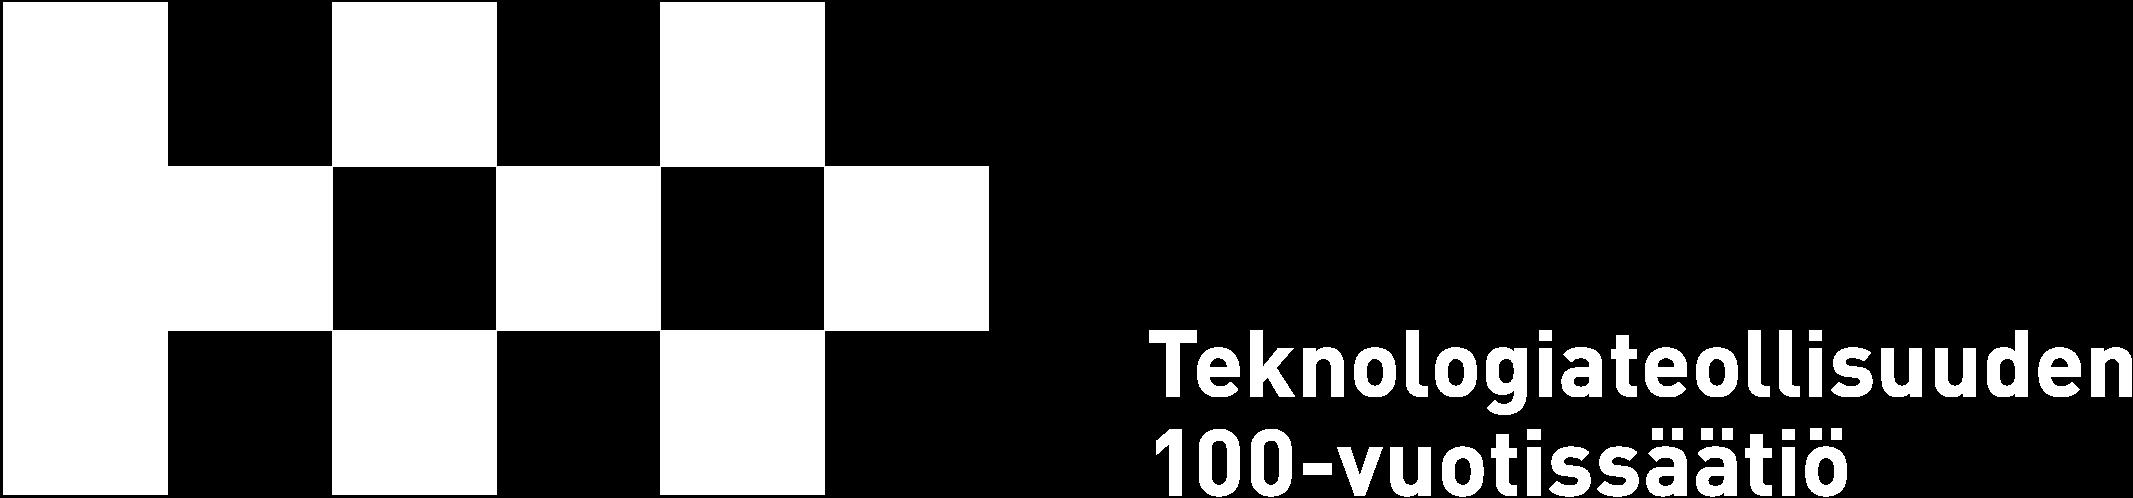 Teknologiateollisuuden 100-vuotissäätiö